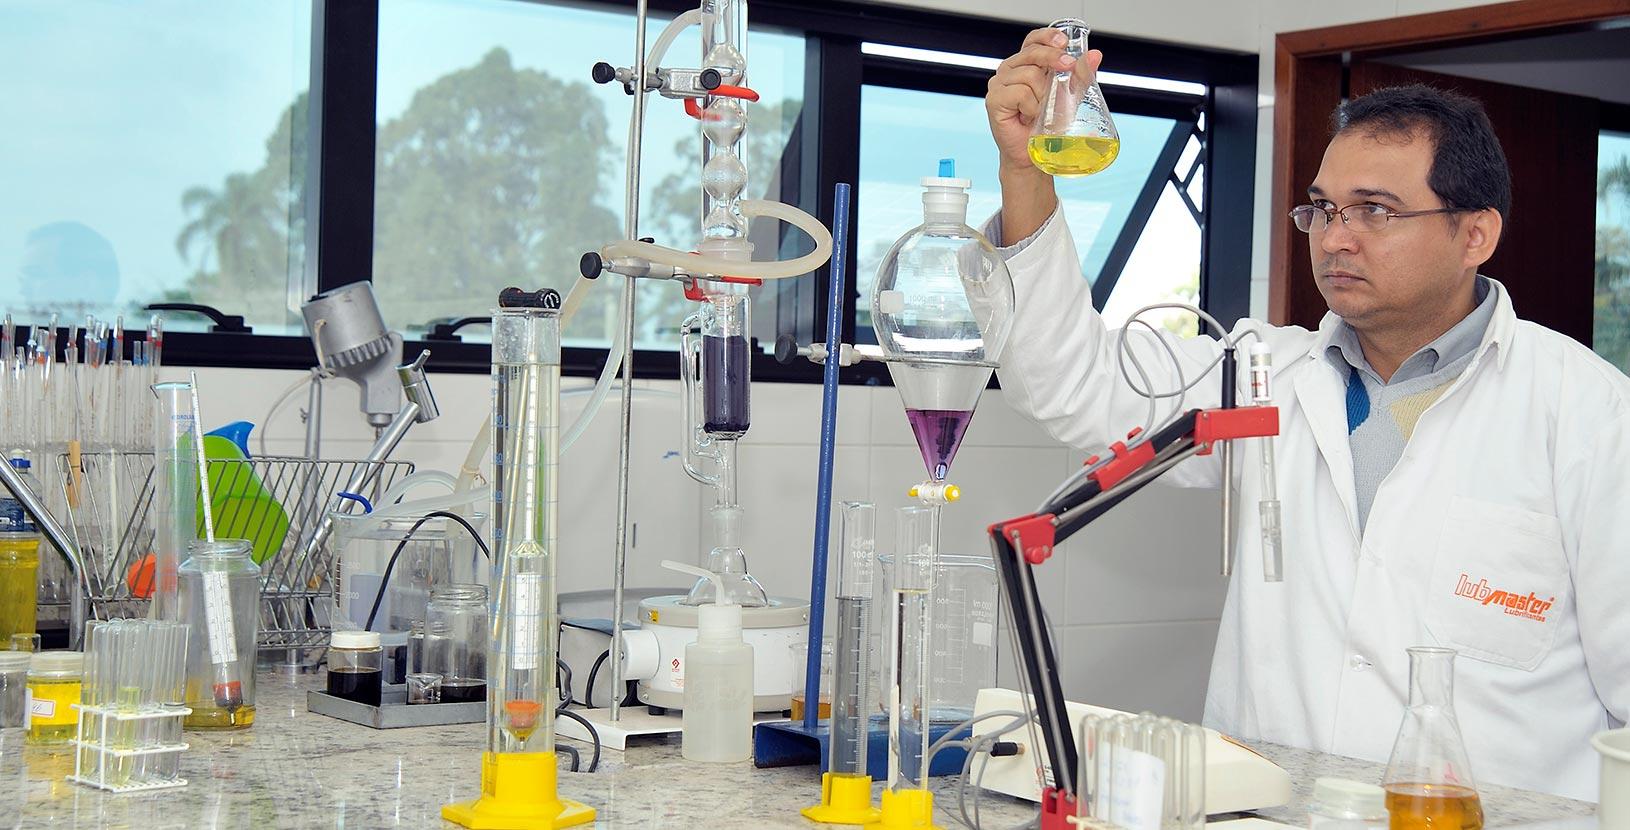 lubmaster-fabrica-laboratorio